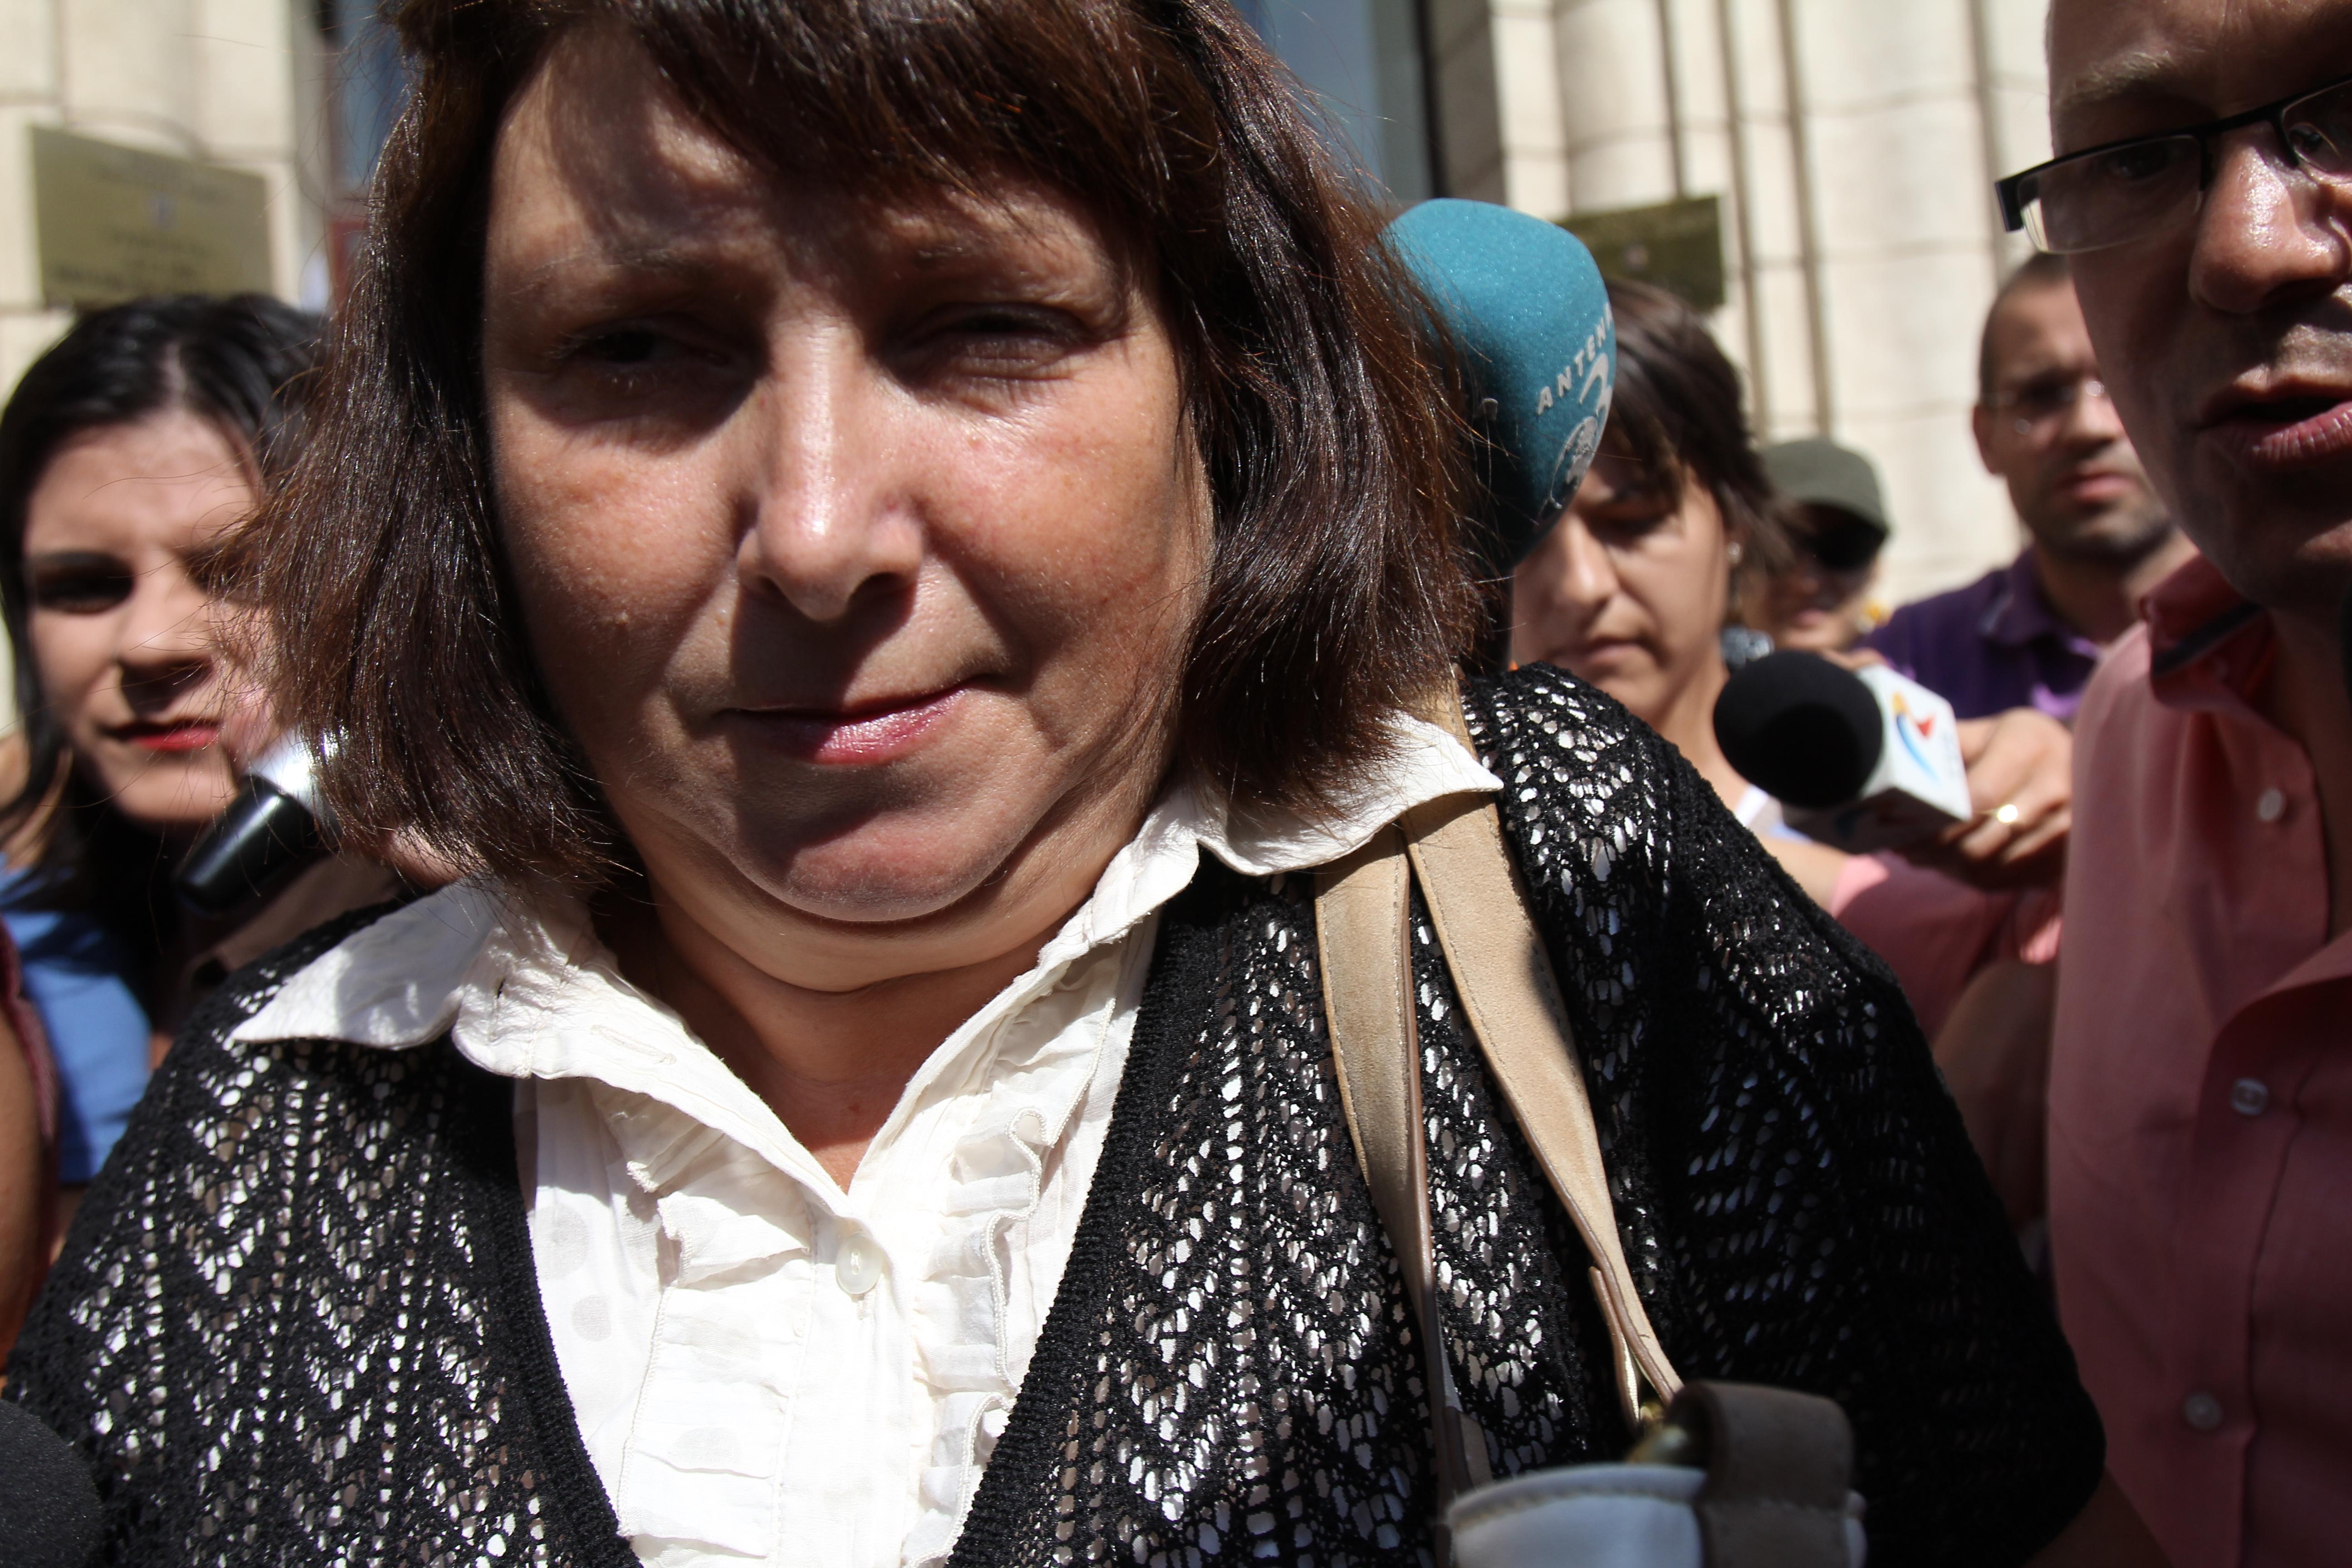 Sefa fundatiei Caleidoscop, Carmen Secareanu, a iesit senina de la audieri